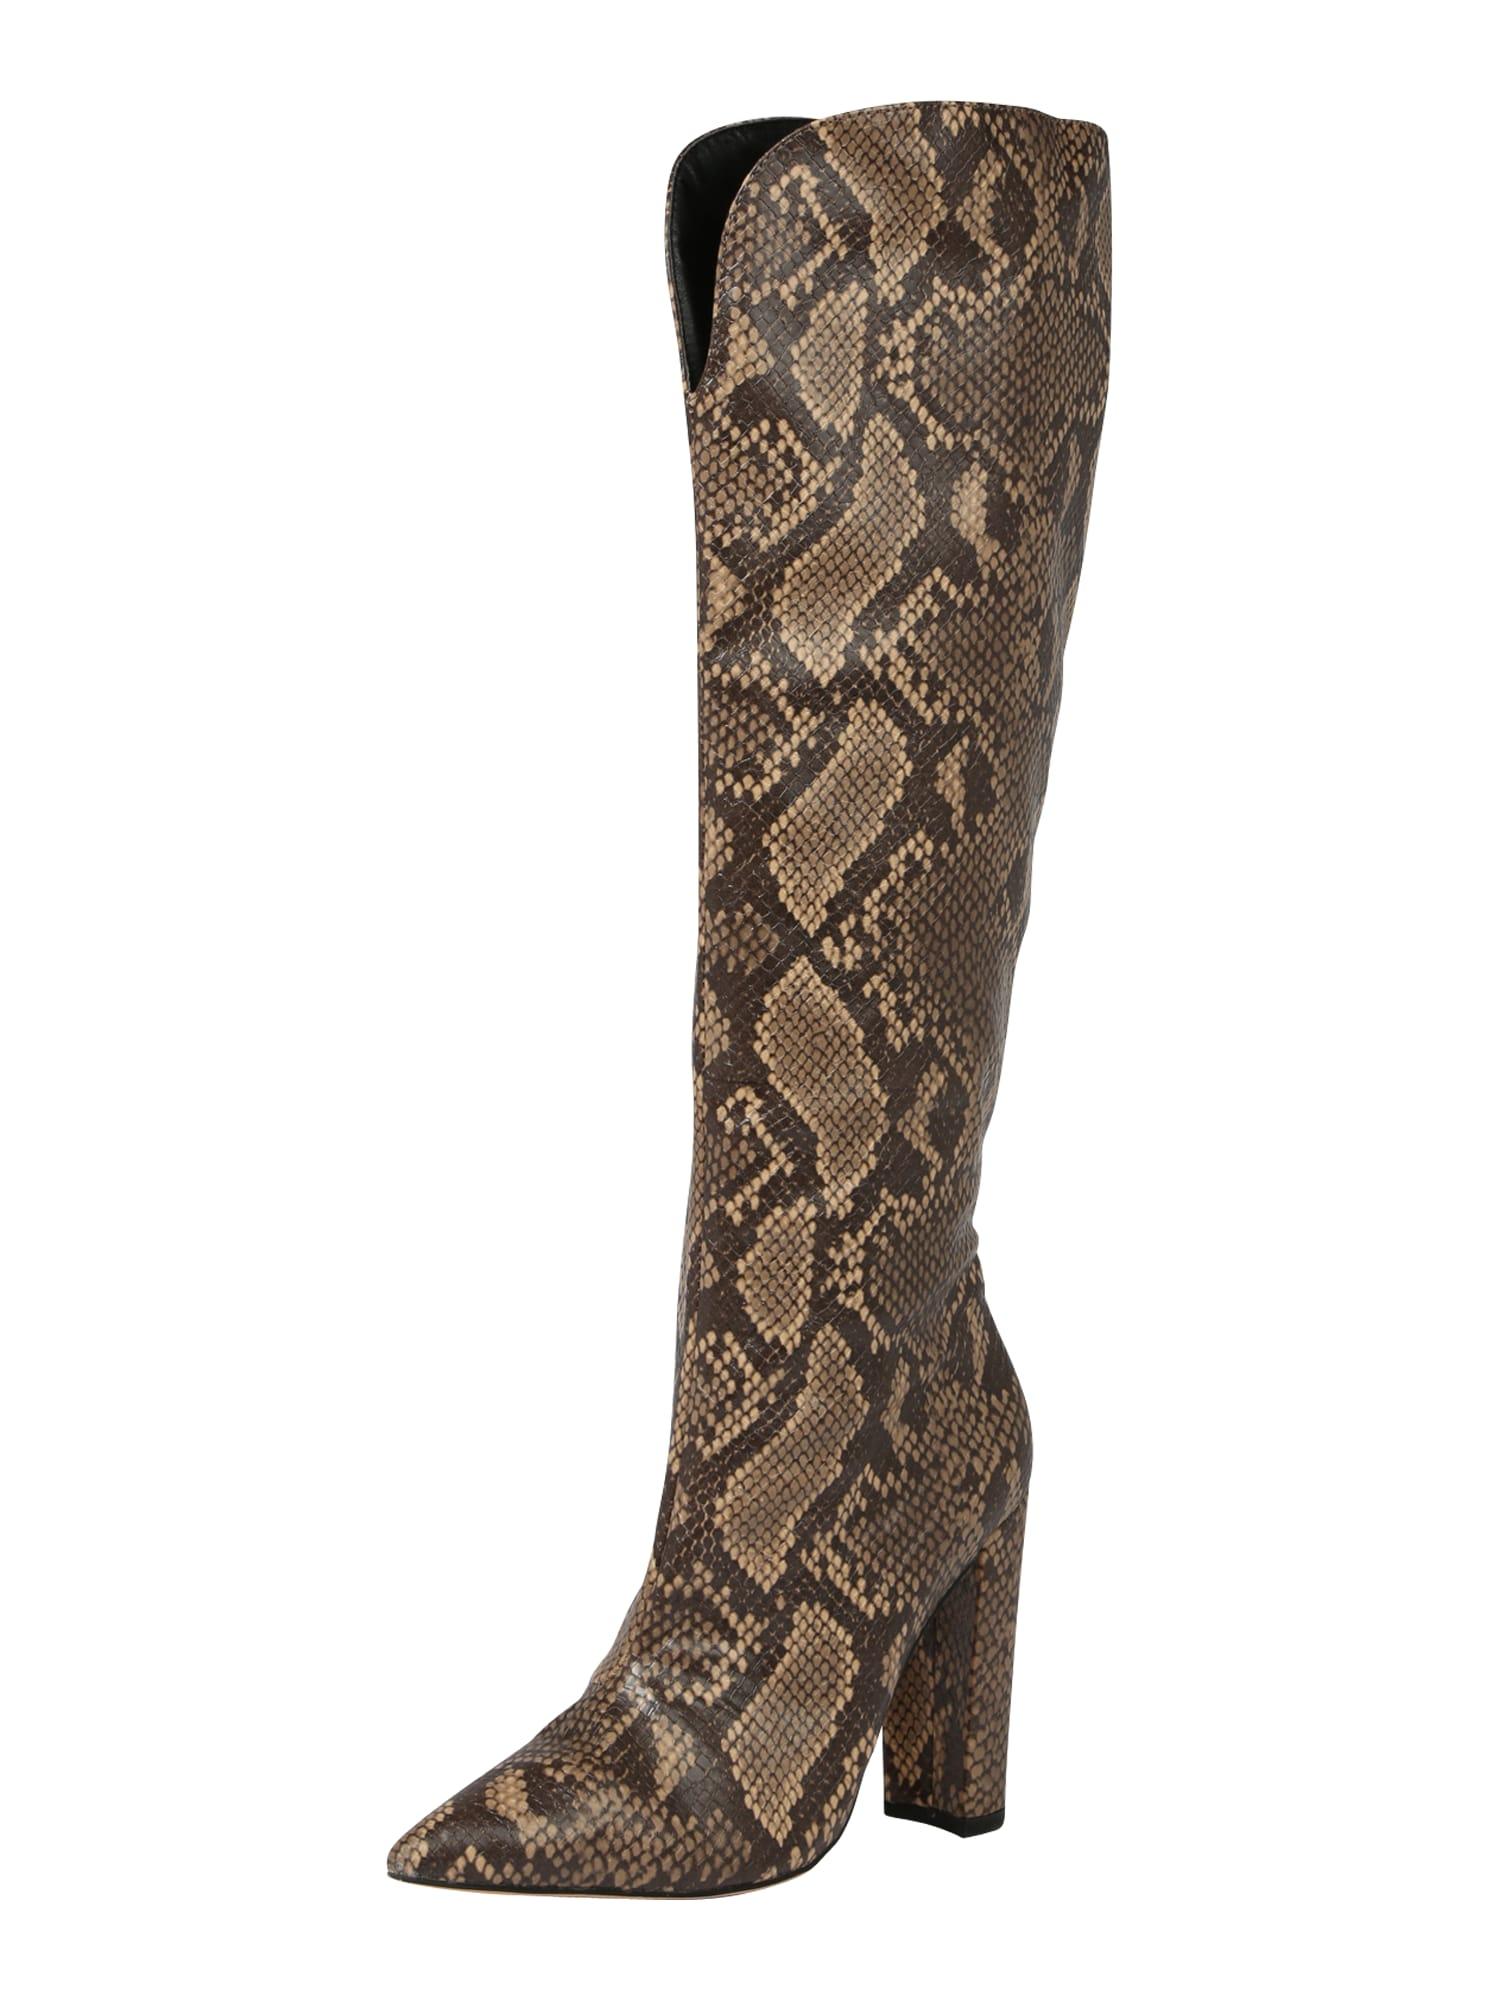 Public Desire Auliniai batai su kulniuku 'Slow' tamsiai ruda / gelsvai pilka spalva / ruda